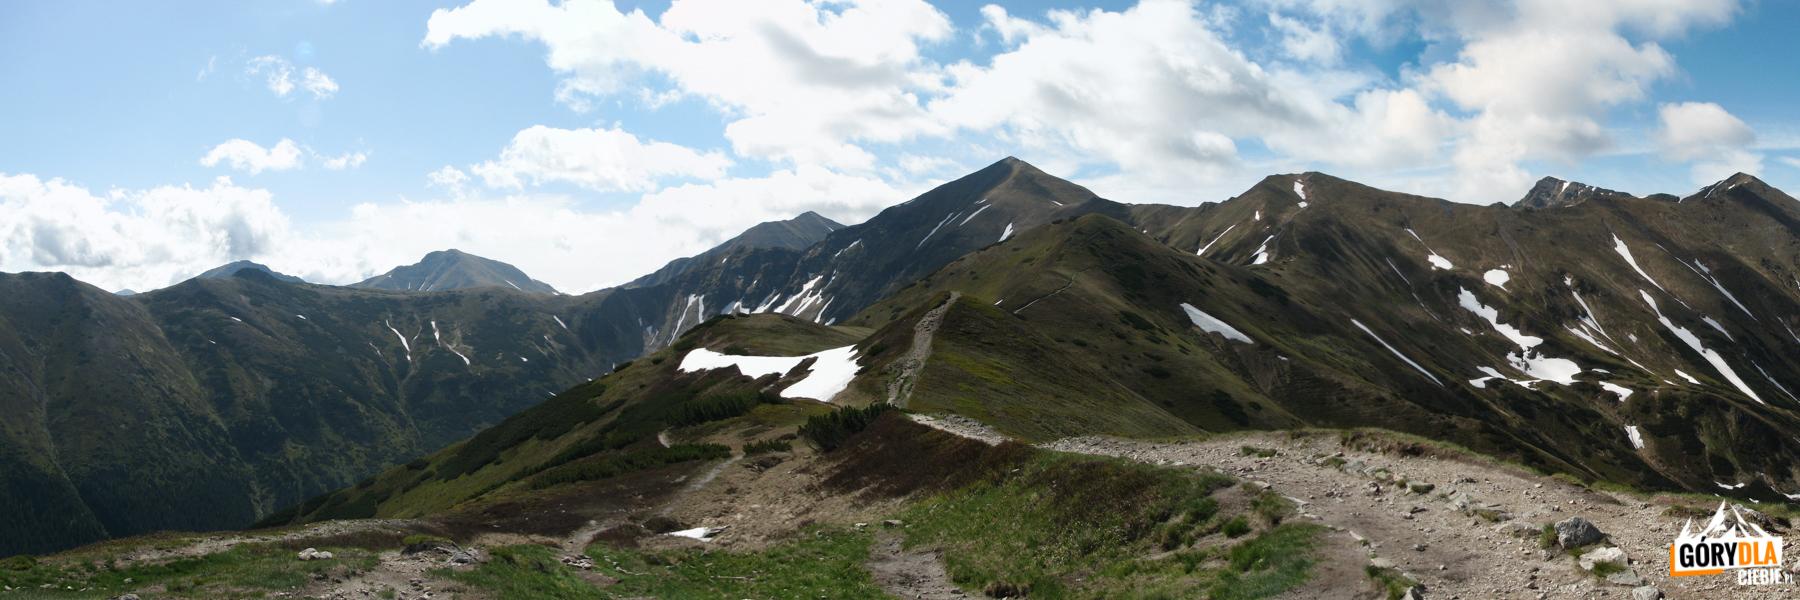 Widok zTrzydniowiańskiego Wierchu (1758 m) naKamienistą (2126 m), Błyszcz (2158 m), Bystrą (2248 m), Starorobociański Wierch (1758 m), Kończysty Wierch (2002 m), Raczkową Czubę (2194 m) iJarząbczy Wierch (2137 m)